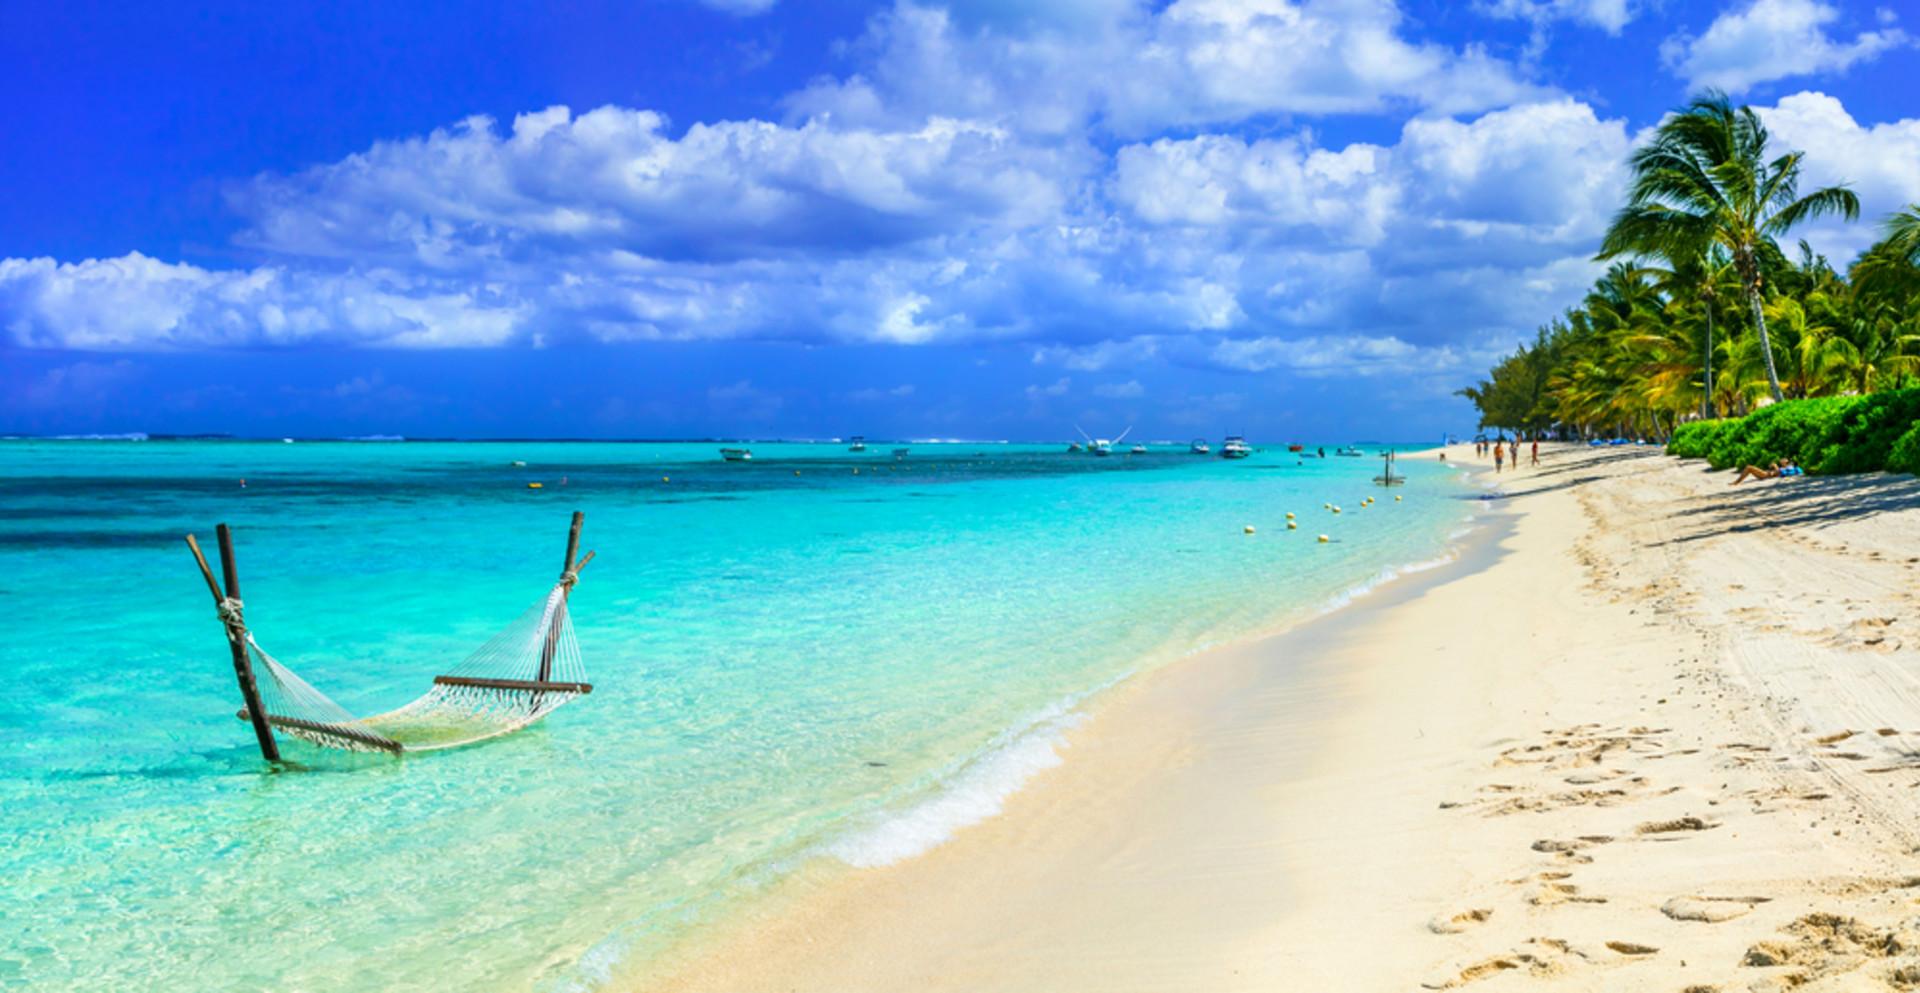 Luxus Golfurlaub auf Mauritius - Exotischer Abenteuer-Urlaub